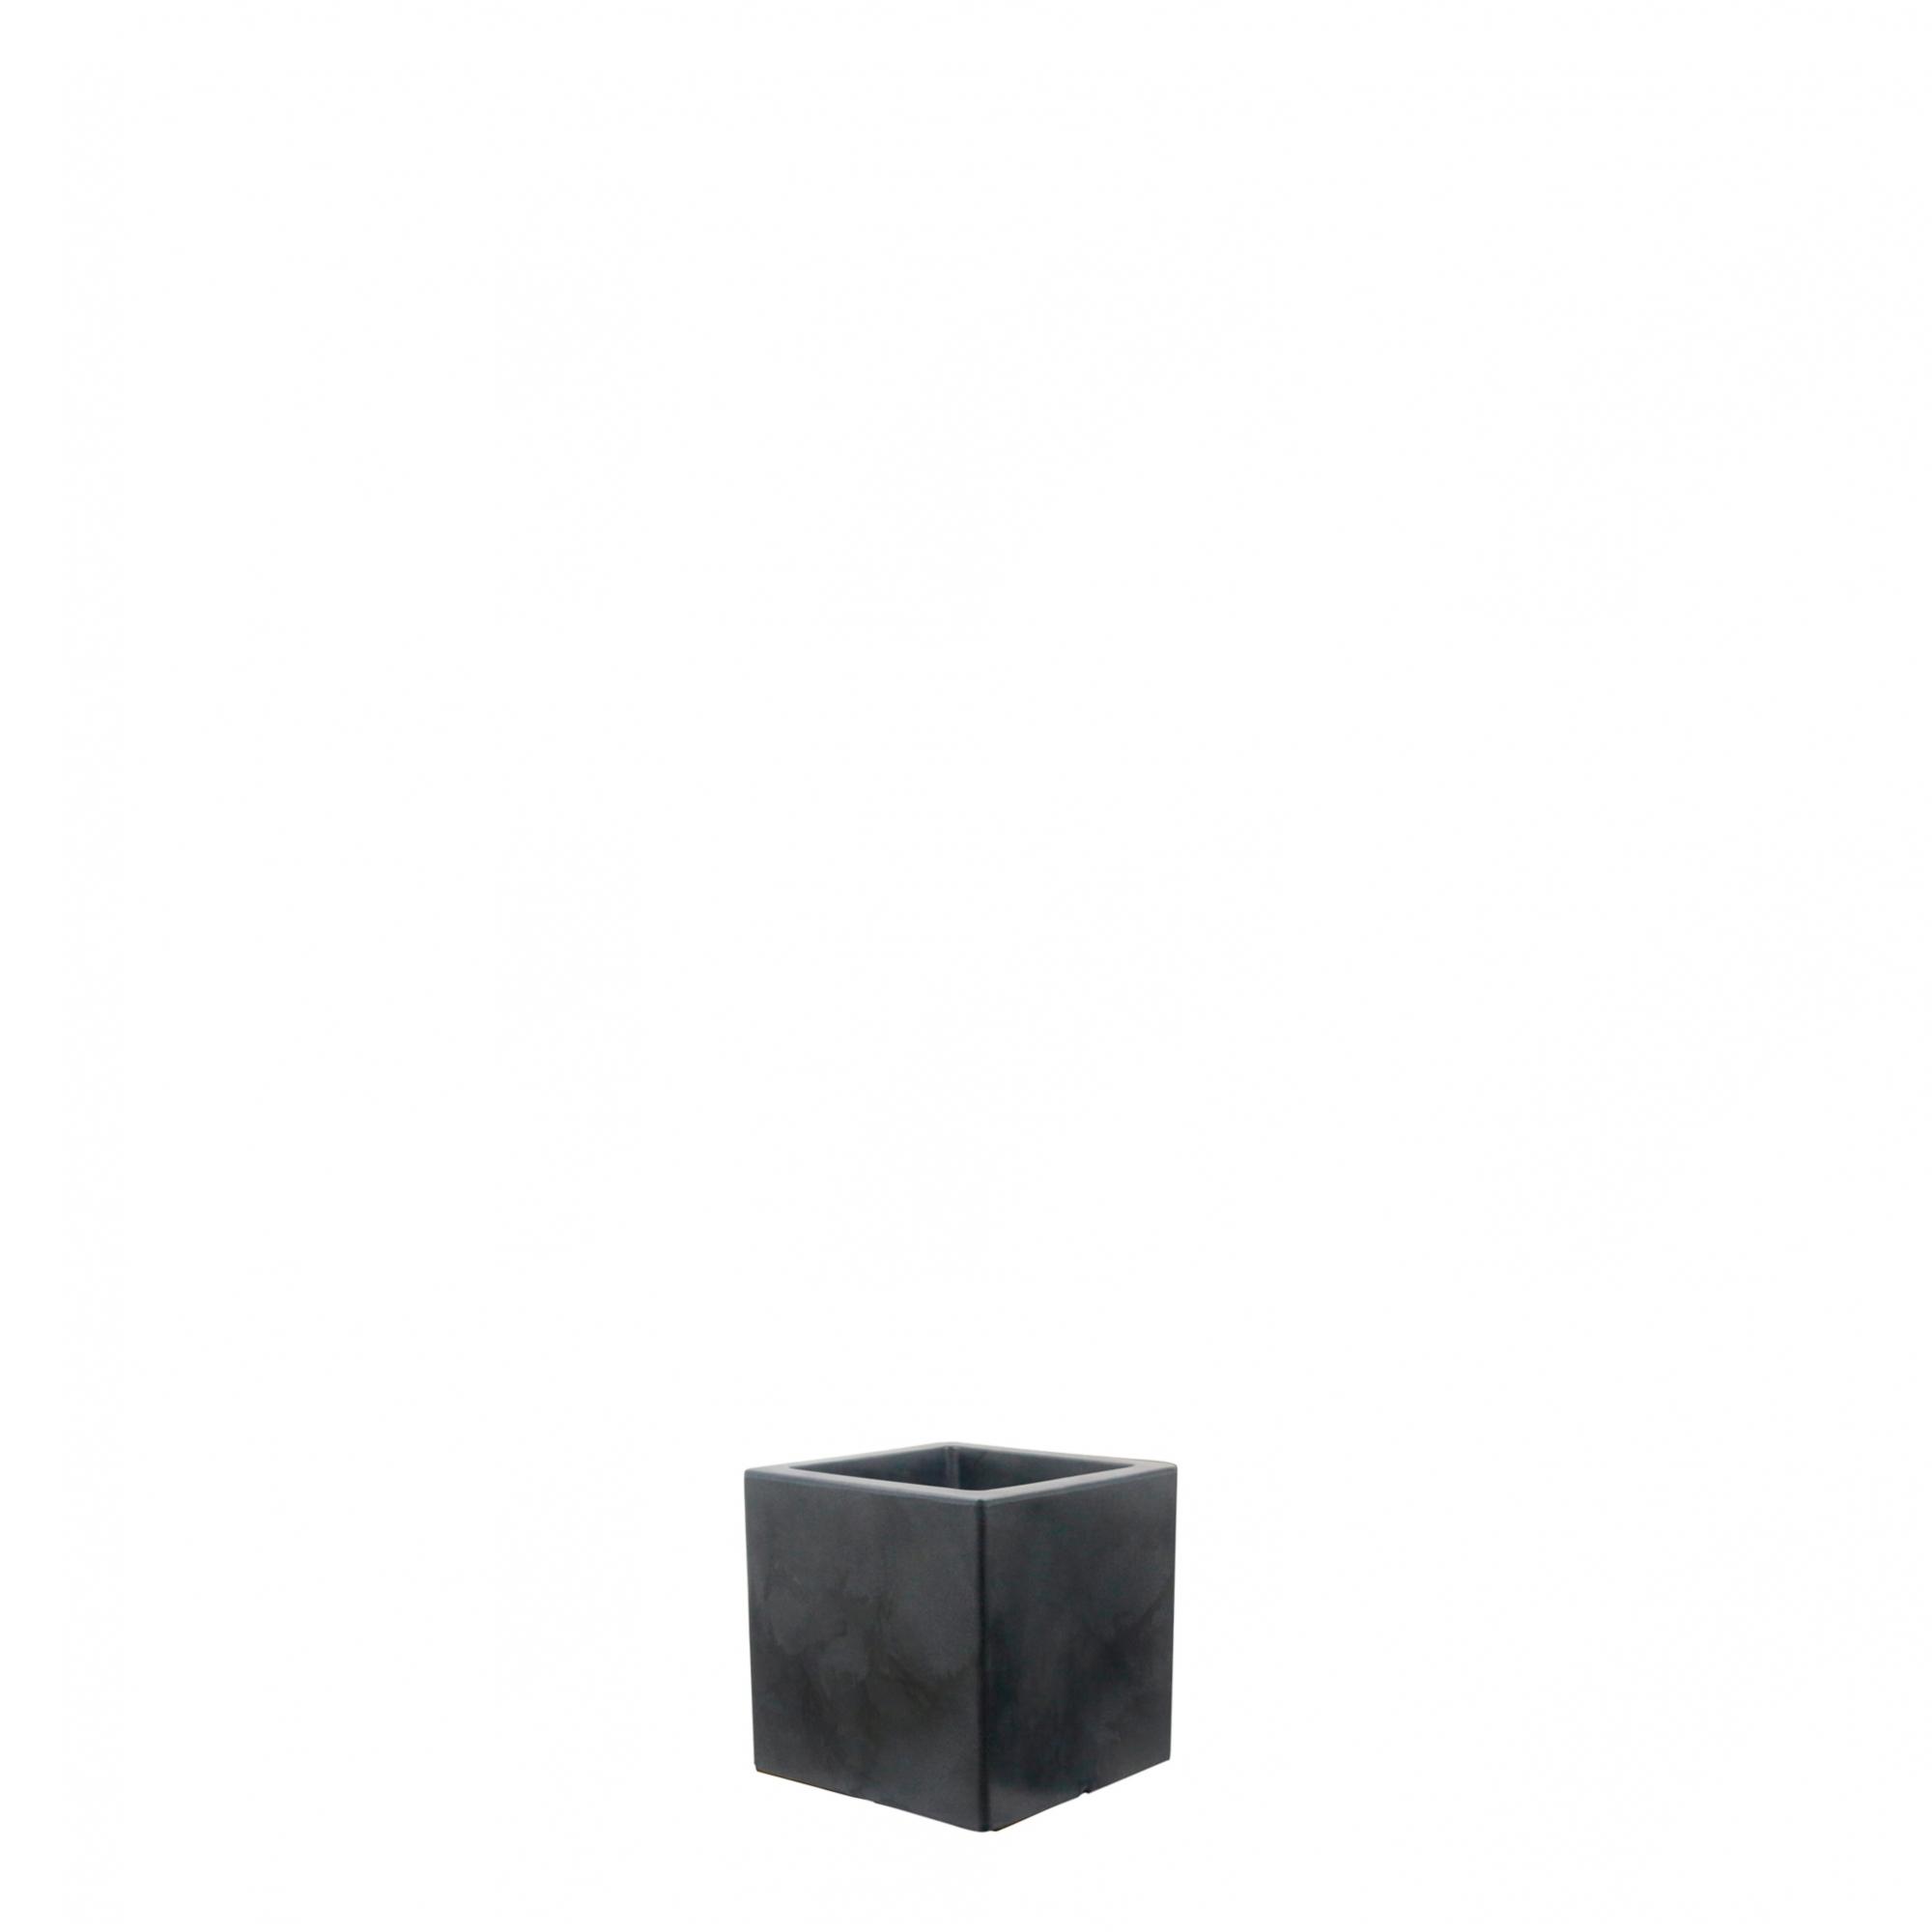 Vaso Cubo 30 x 30 cm - VASART